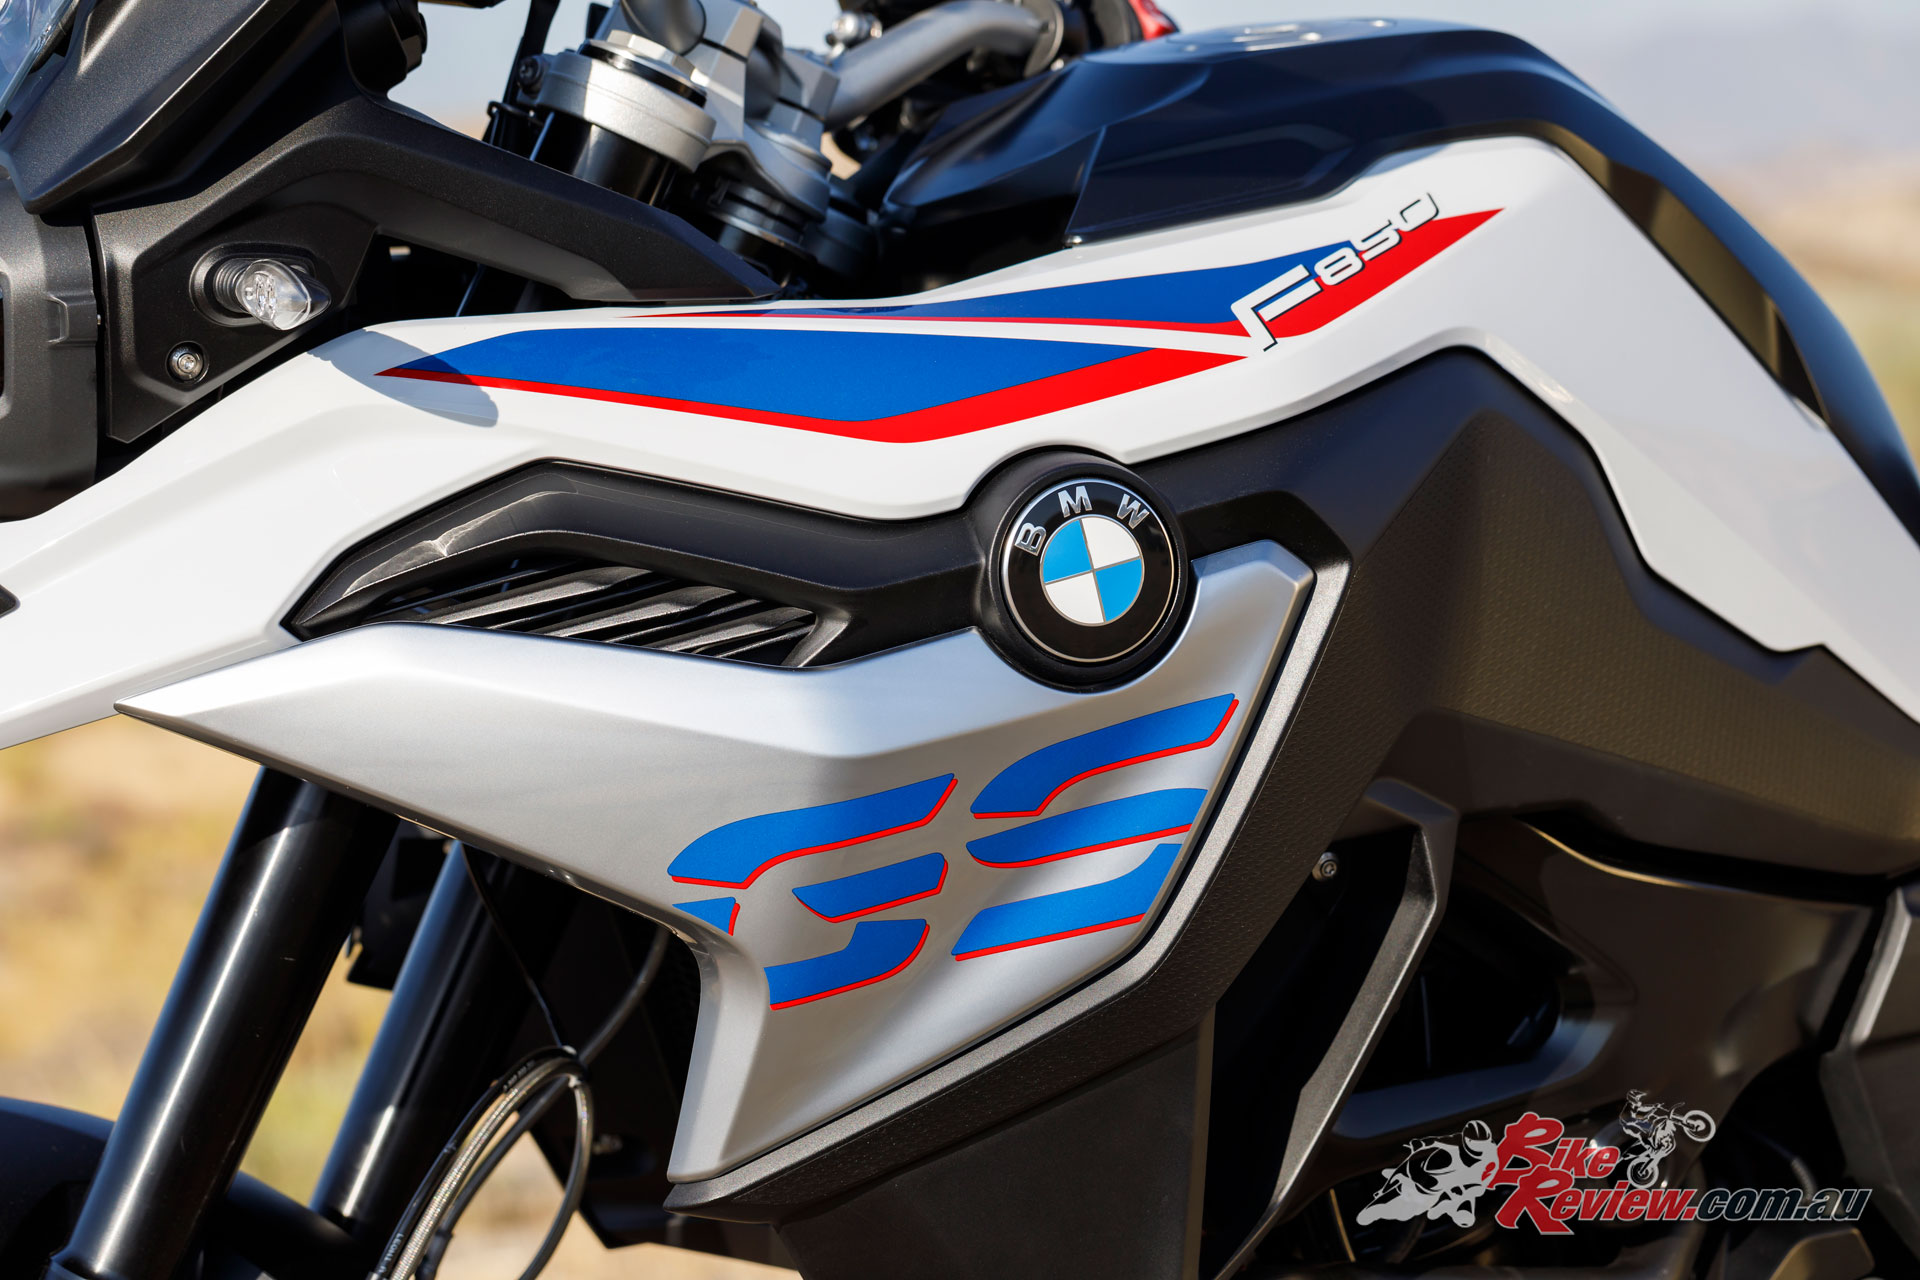 2018 BMW F 850 GS